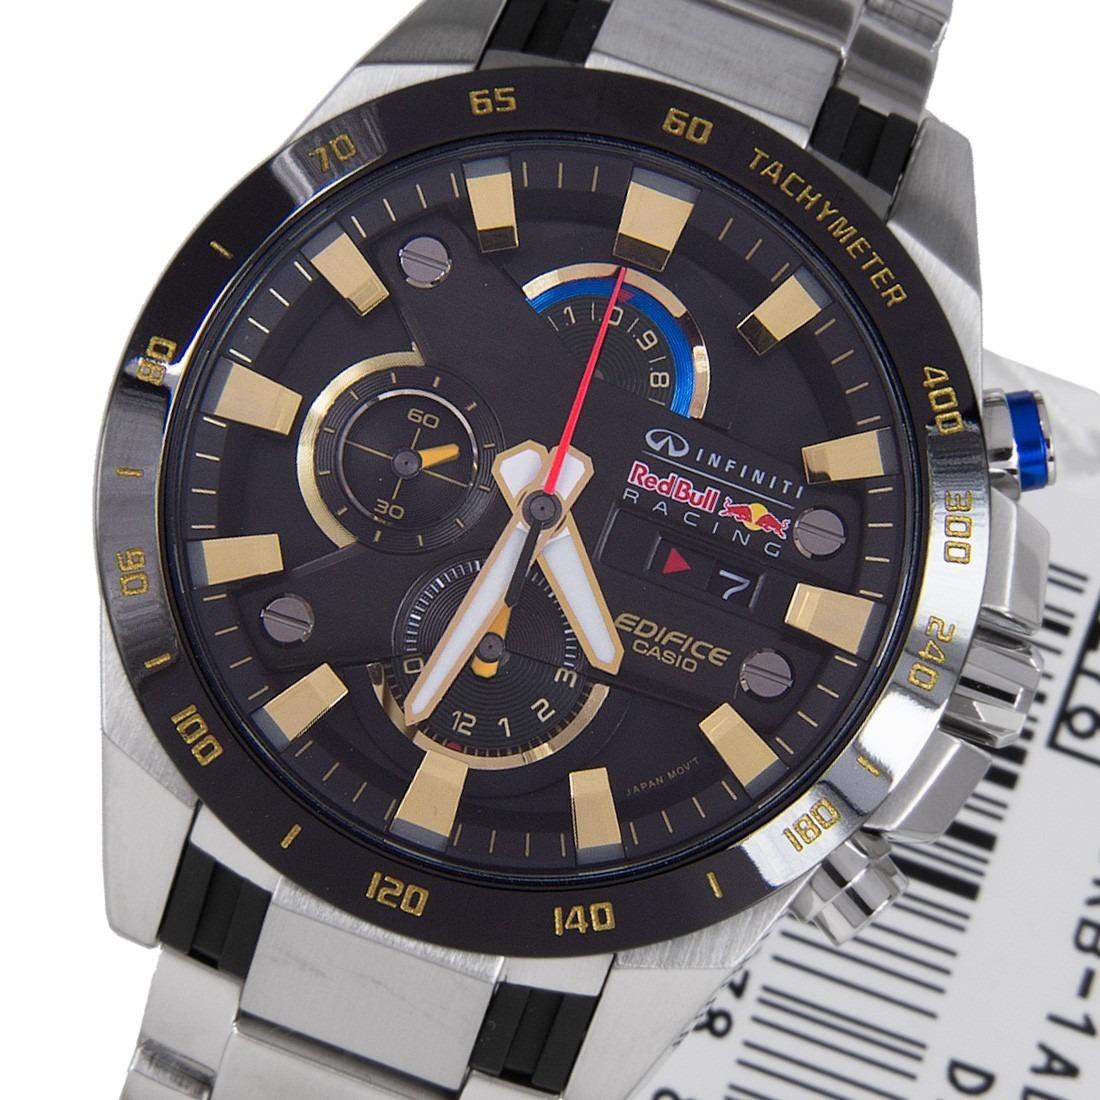 38222ff064be reloj casio edifice efr-540rb-1a cronometro red bull f1. Cargando zoom.